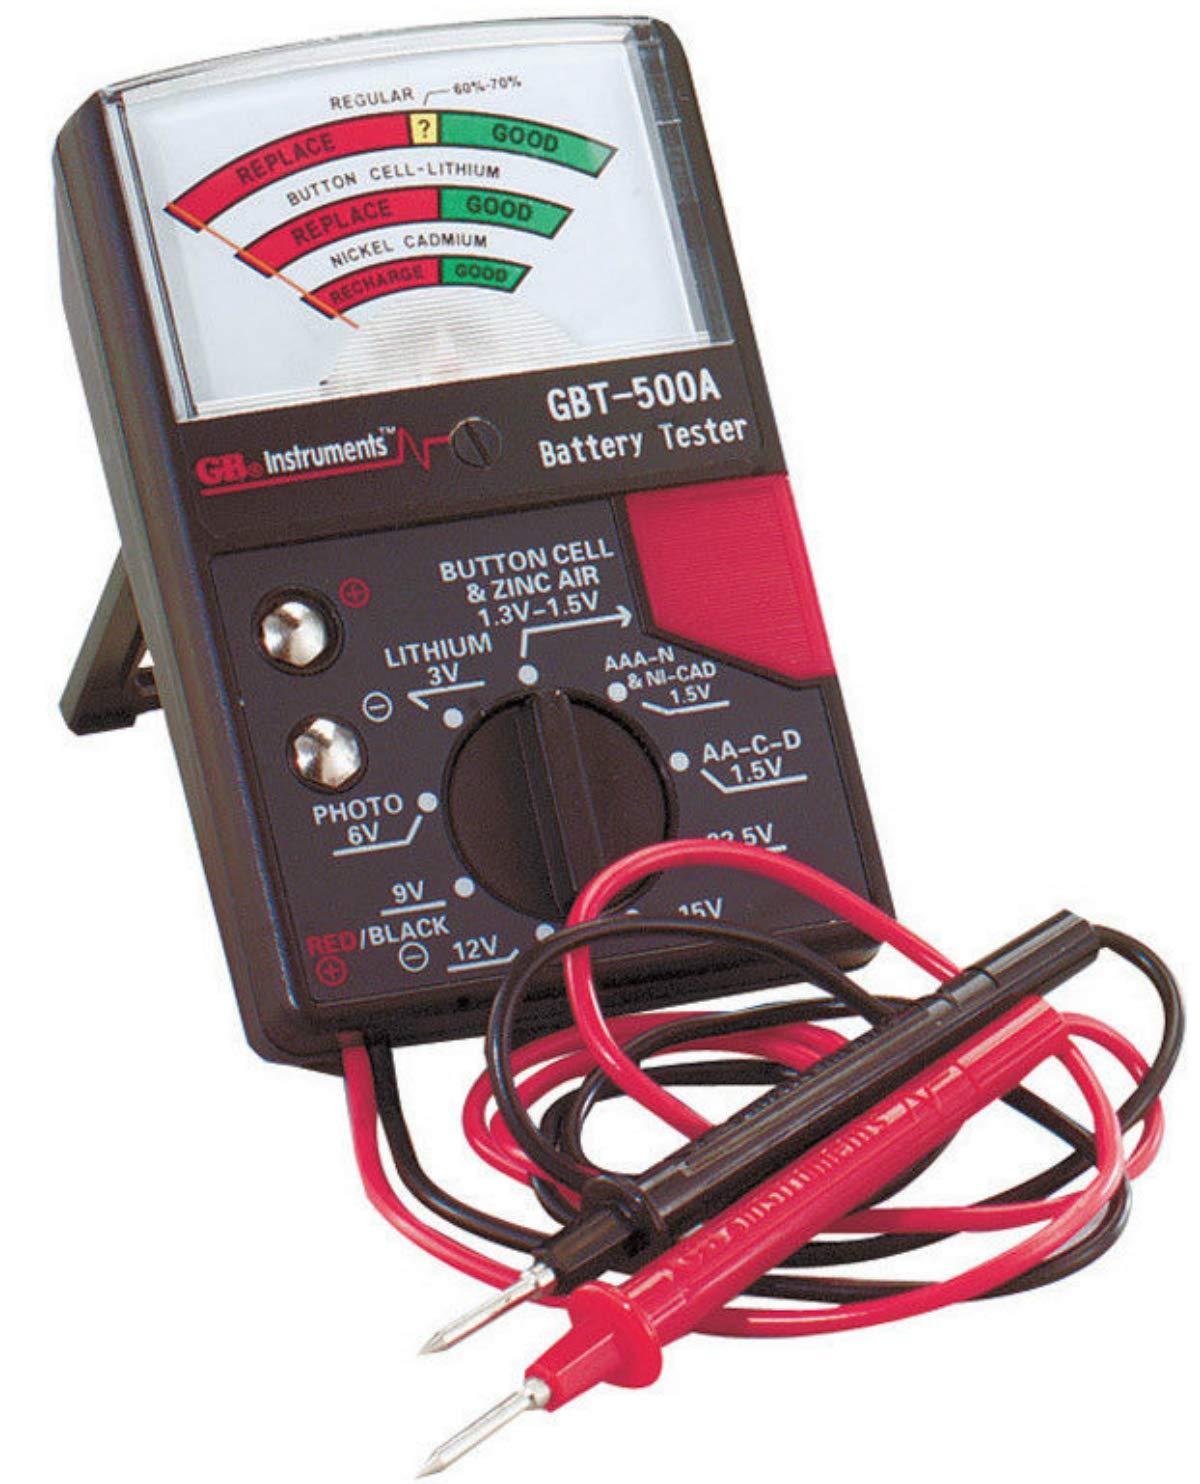 Gardner Bender 1.5V to 22.5V Analog Battery Tester